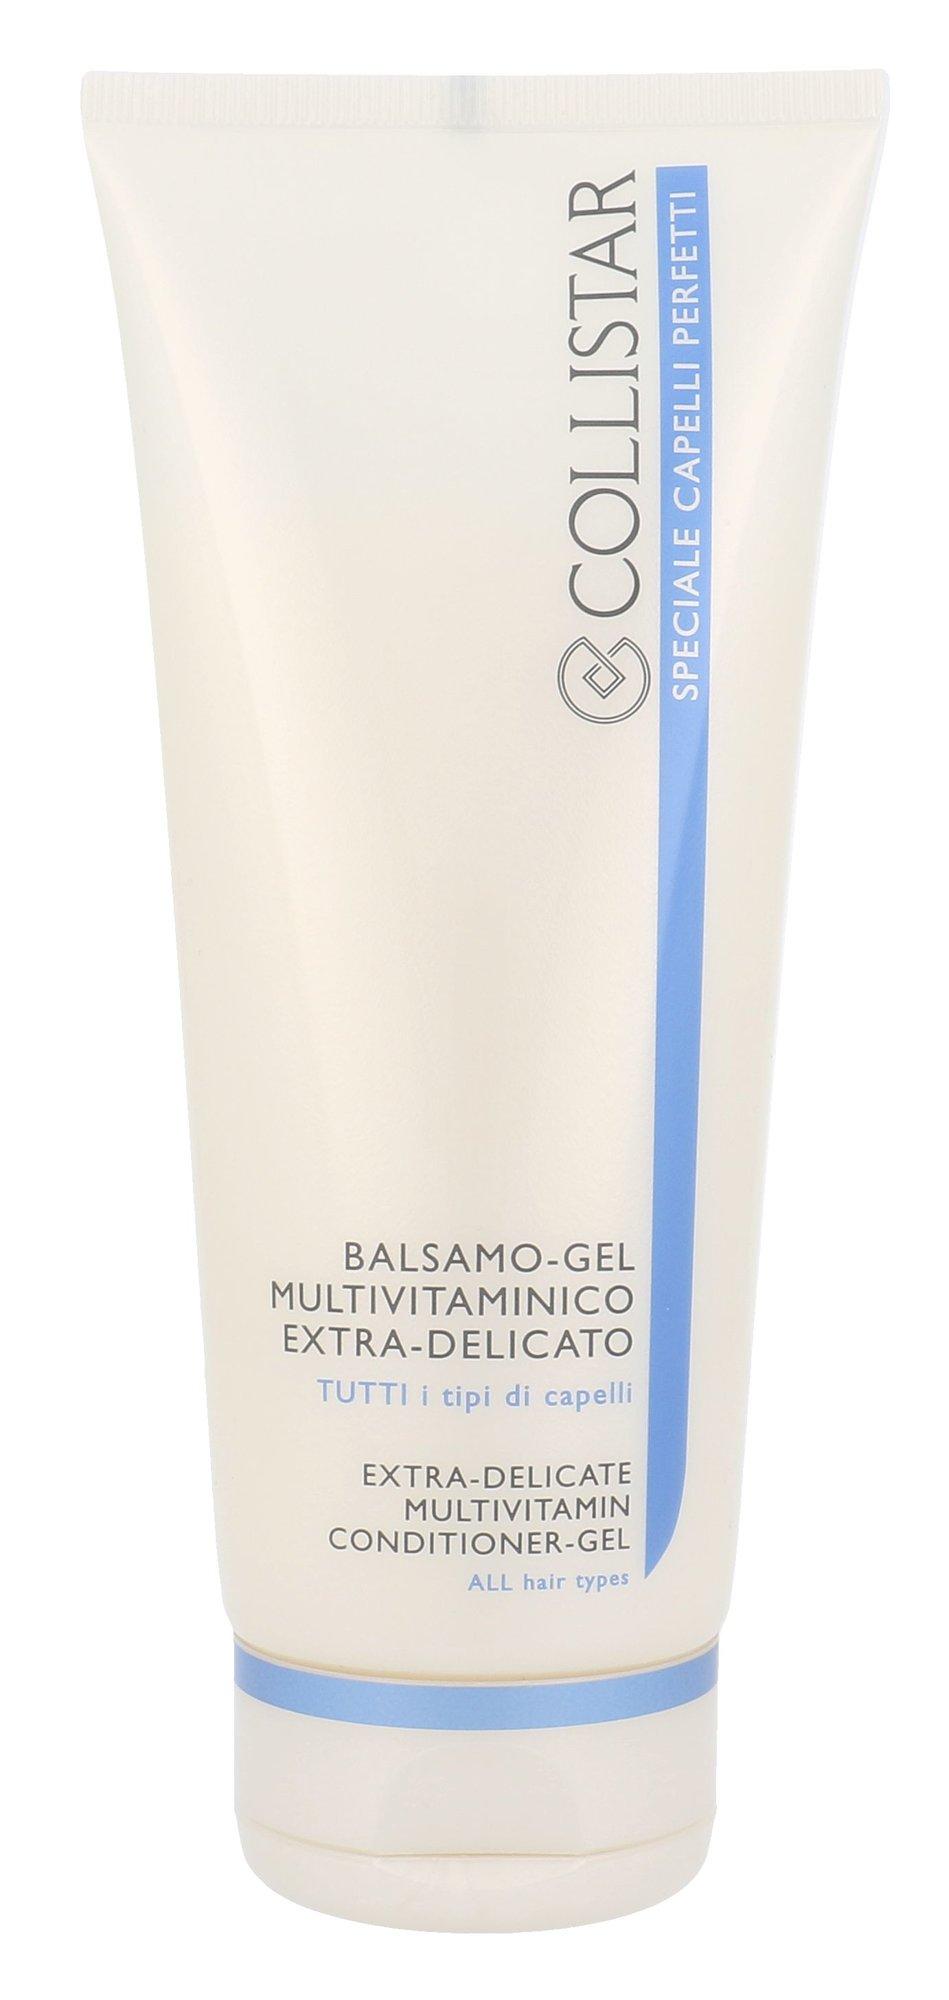 Collistar Extra-Delicate Multivitamin Cosmetic 200ml